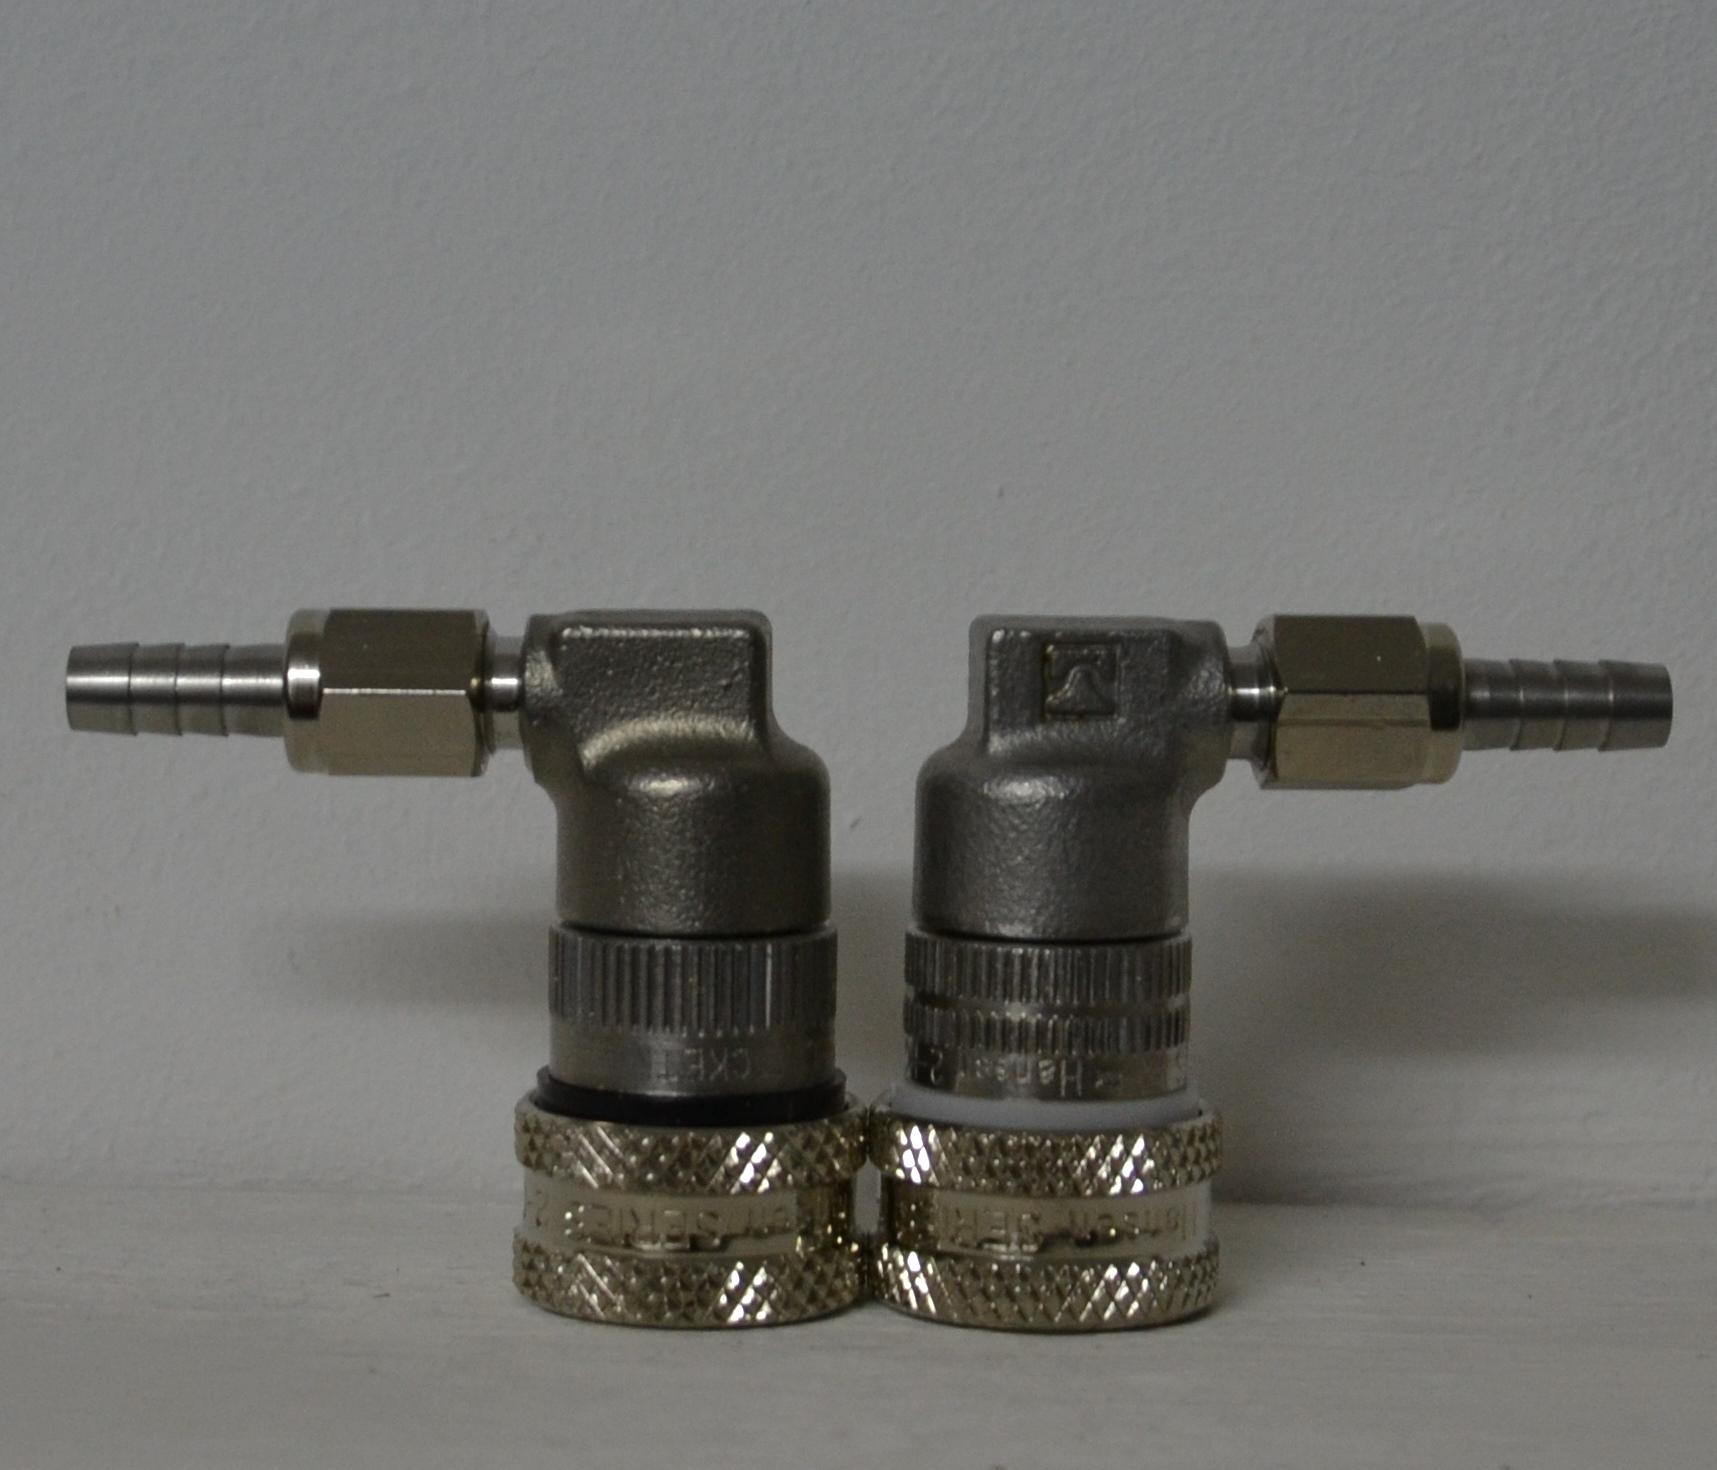 RVS snelkoppelingen druk en uitlaat Image